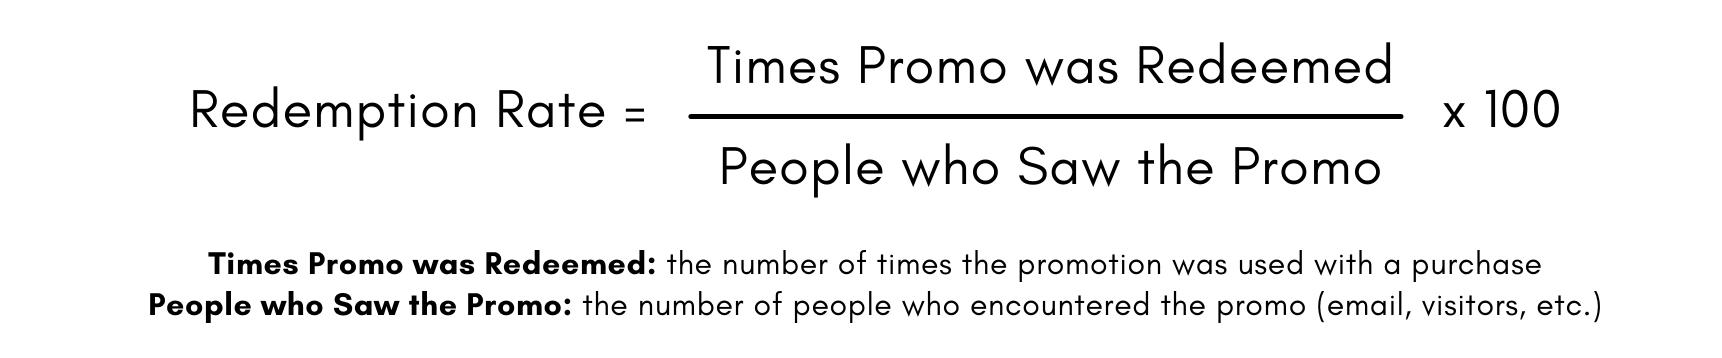 Formule pour le taux de remboursement: nombre de fois où la promotion a été utilisée divisé par le nombre de personnes qui ont vu la promotion, multiplié par 100.